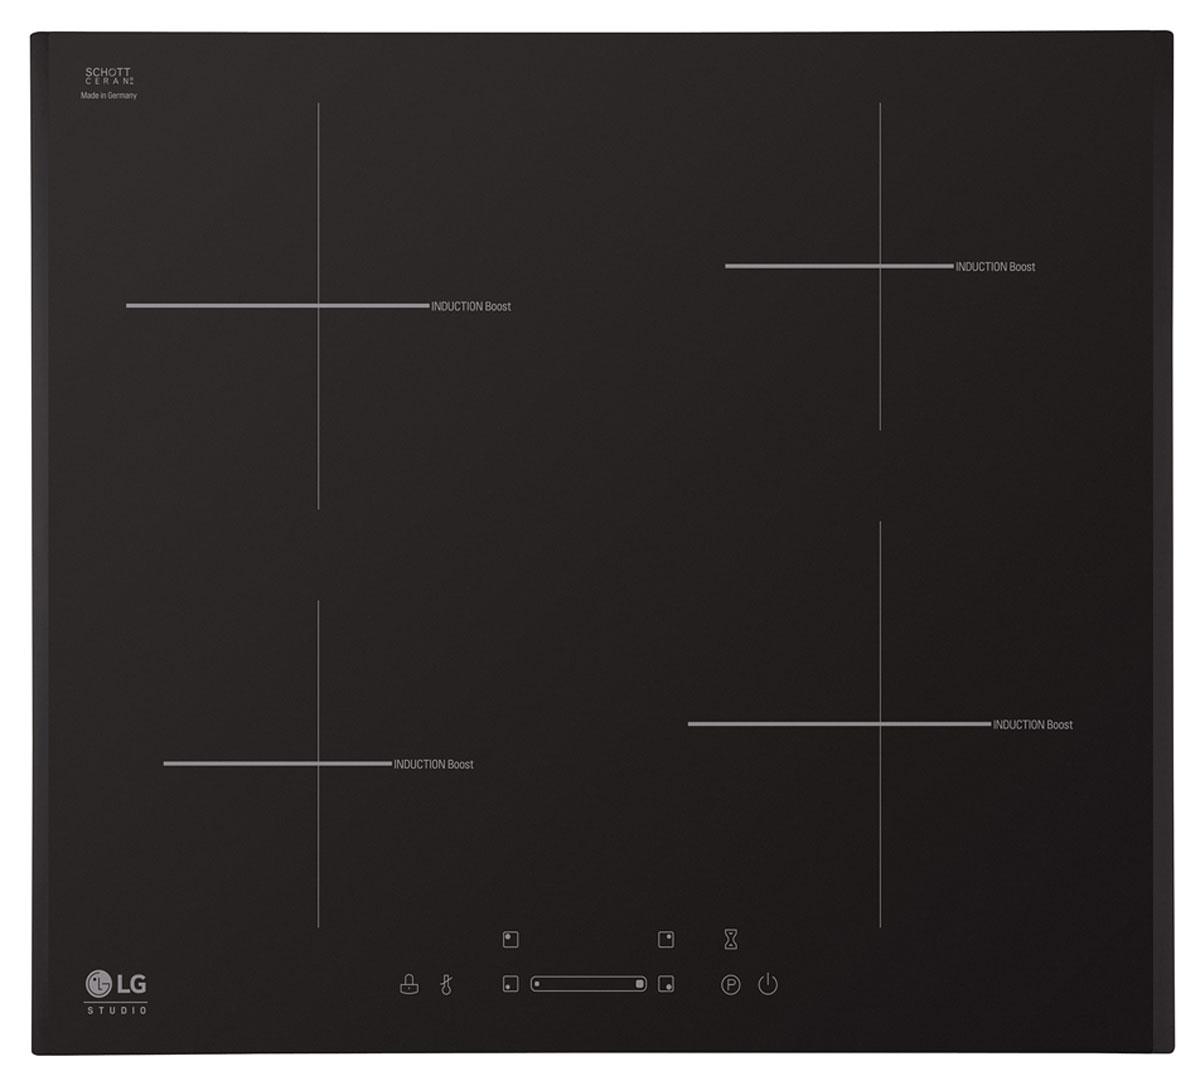 LG KVN6403AF, Black варочная панельLG KVN6403AFLG KVN6403AF - индукционная варочная панель из стеклокерамики с сенсорным управлением. Благодаря простой системе управления и легкой очистке вы сможете насладиться удобством приготовления от начала до конца. Индукционная плита не только сделает дизайн вашей кухни роскошным, но и обеспечит отличный результат приготовления вкусных и полезных блюд. Уровень мощности и все функции регулируются простым прикосновением к электронной сенсорной панели управления на керамической поверхности. Поэтому ей очень легко управлять, а также очищать после использования. Все зоны приготовления могут быть автоматически отключены с помощью встроенного таймера приготовления пищи. Вы можете выбрать время от 1 до 99 минут для каждой индукционной зоны. По истечению времени они автоматически отключатся. Такой таймер позволяет готовить удобно, безопасно и легко. Функция Power Boost позволяет быстрее нагреть все включенные зоны индукционной плиты до определенной...